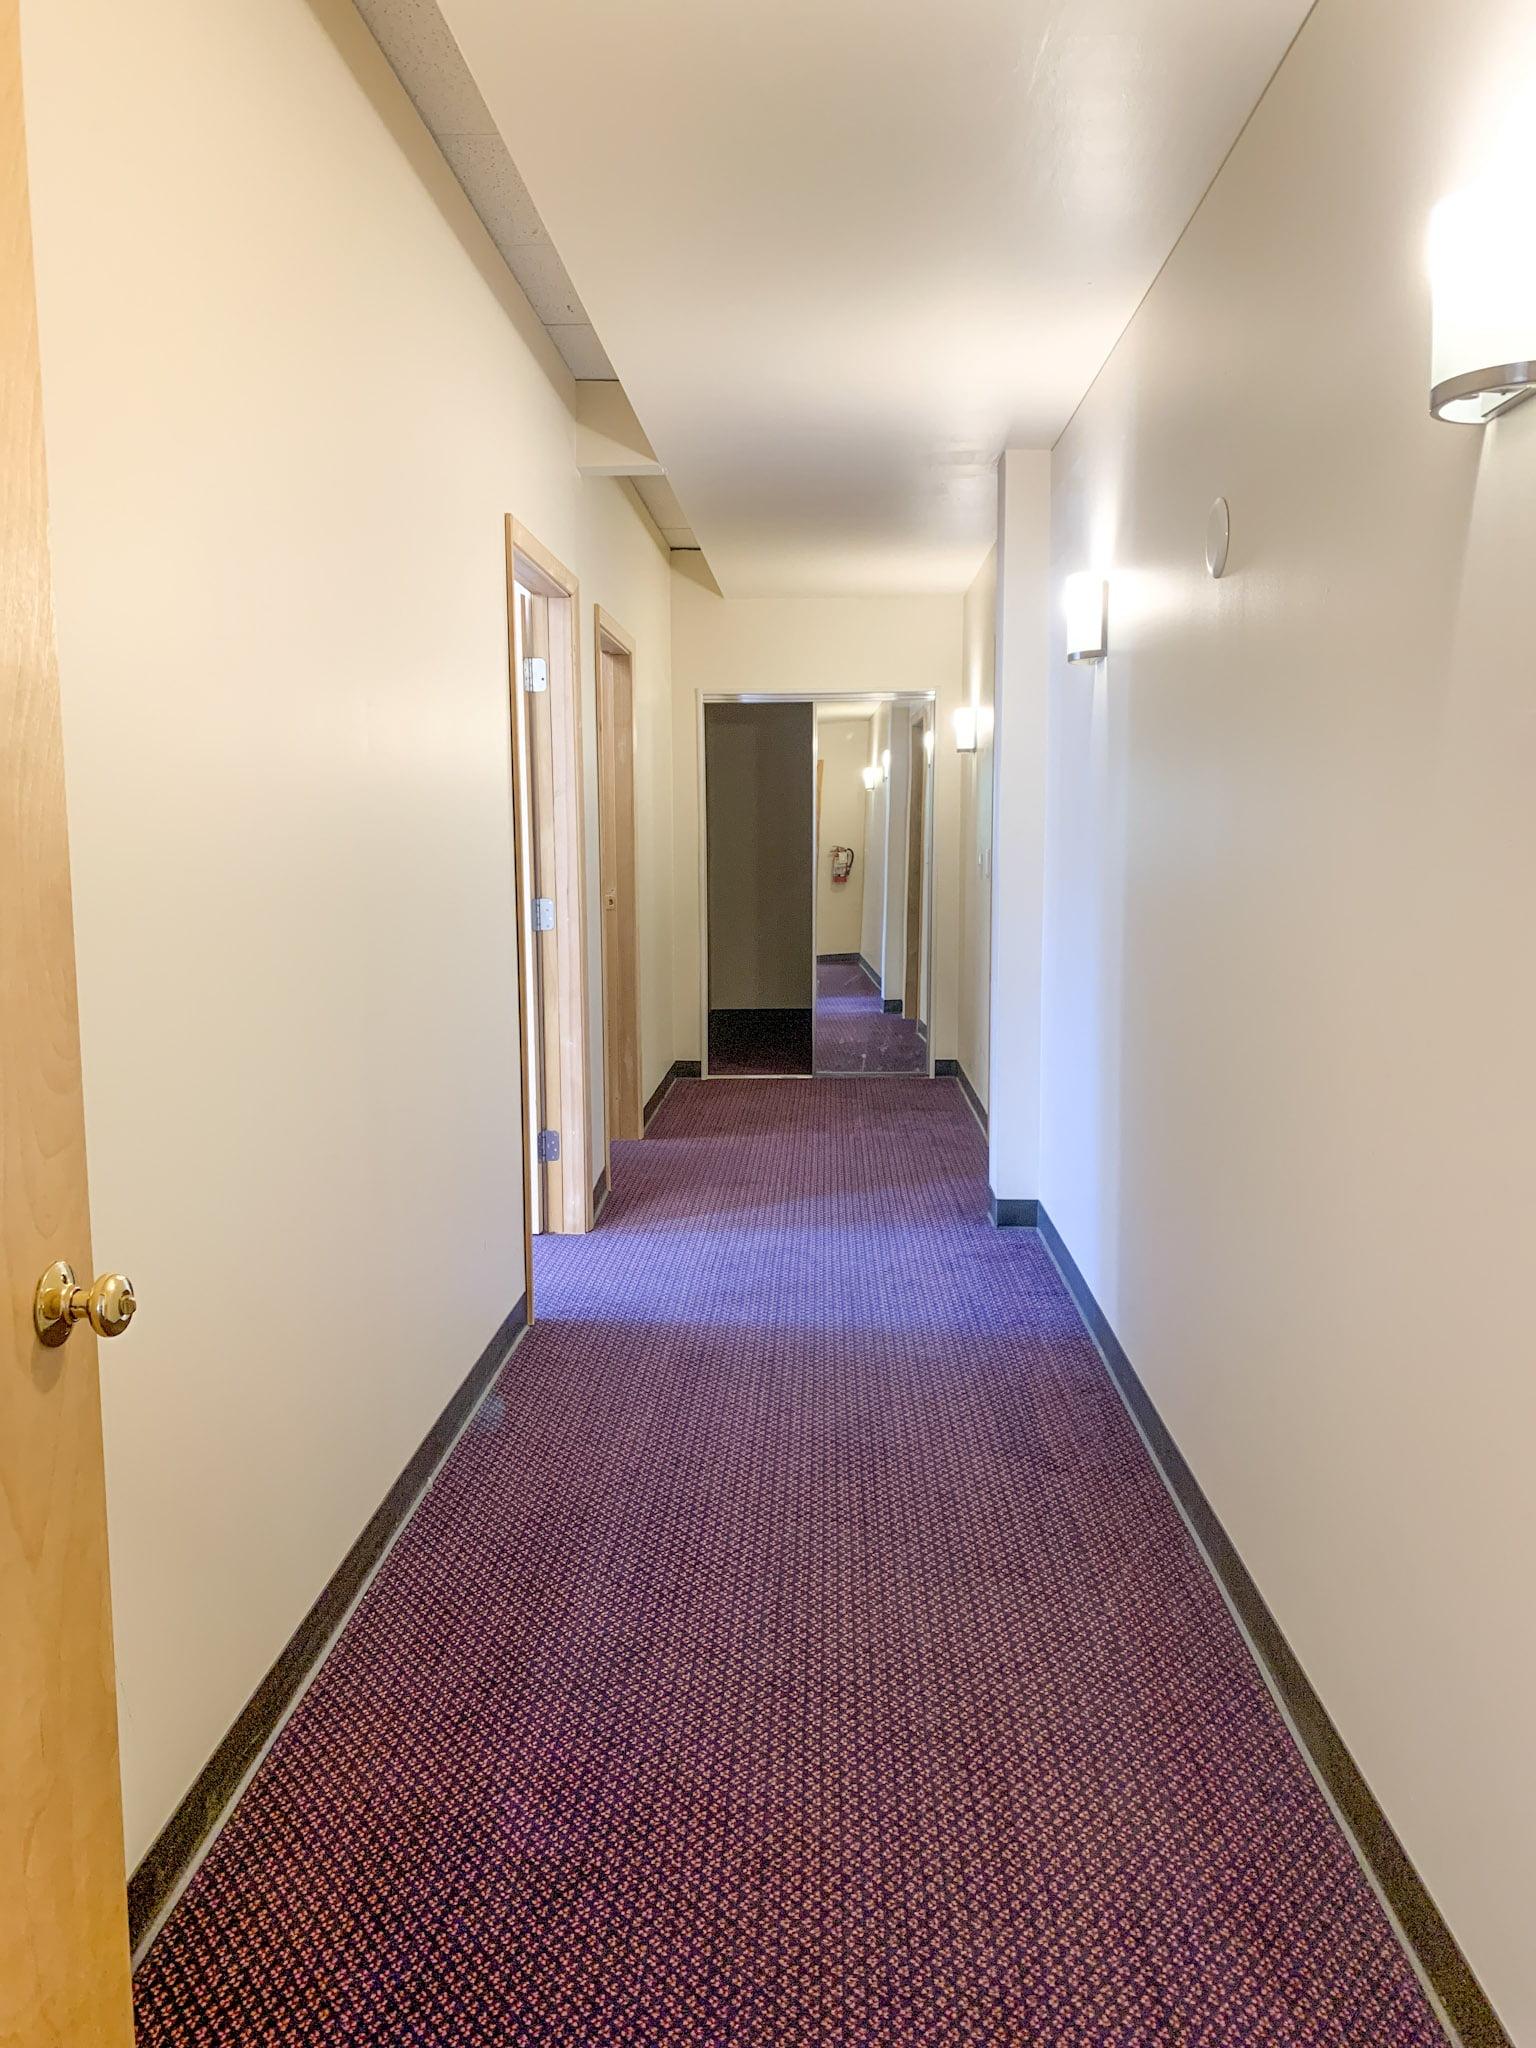 921 W 6th Ave - interior 3